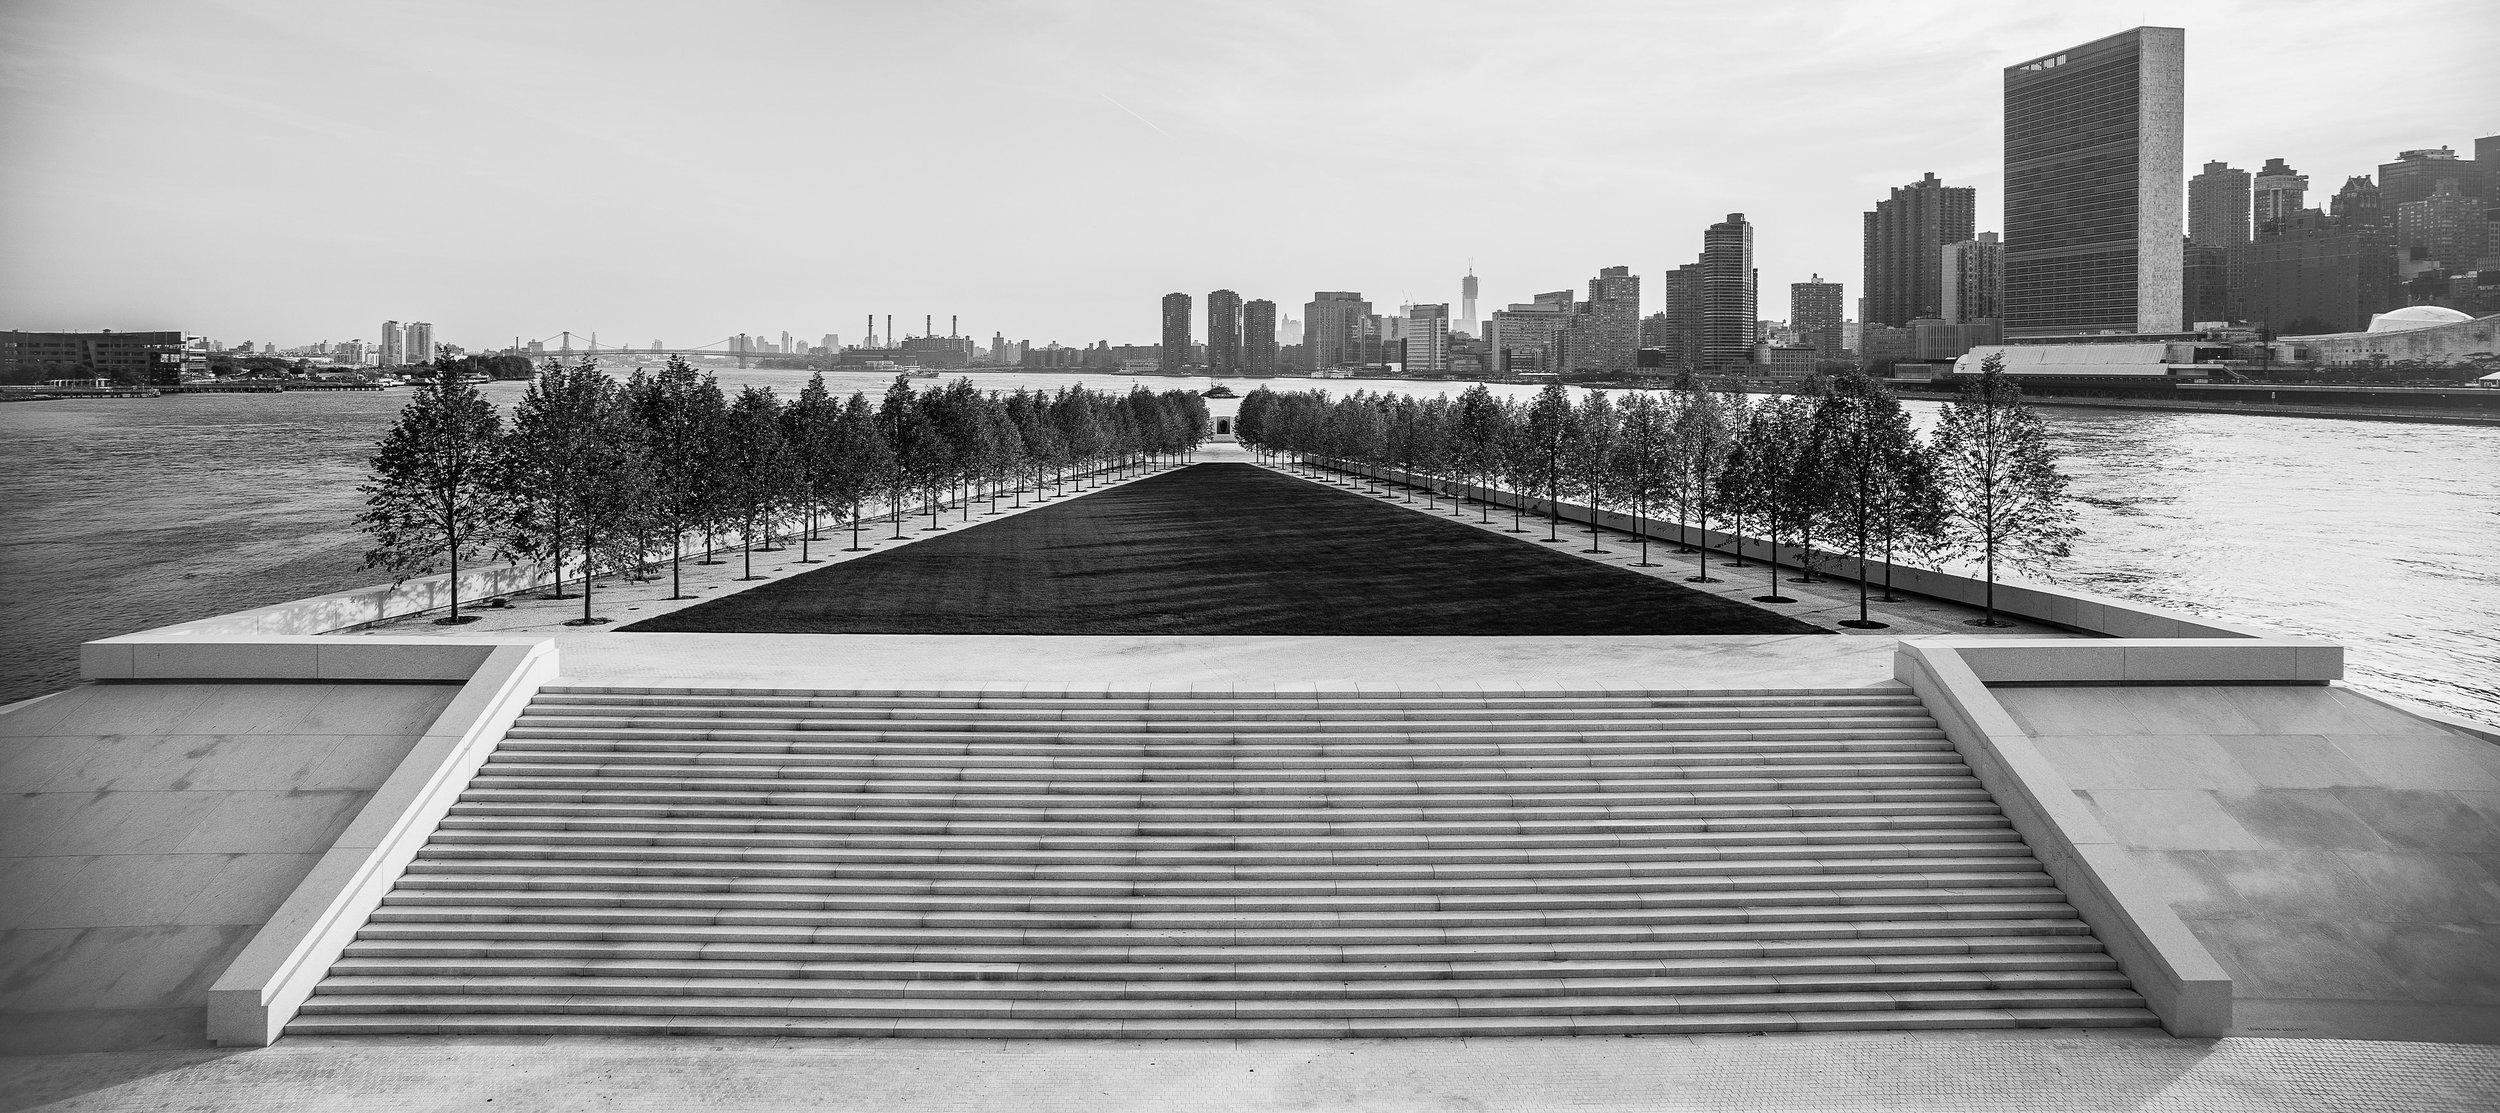 Franklin D. oosevelti Nelja Vabaduse park (Franklin D. Roosevelt Four Freedoms Park; Foto: Paul Warchol)